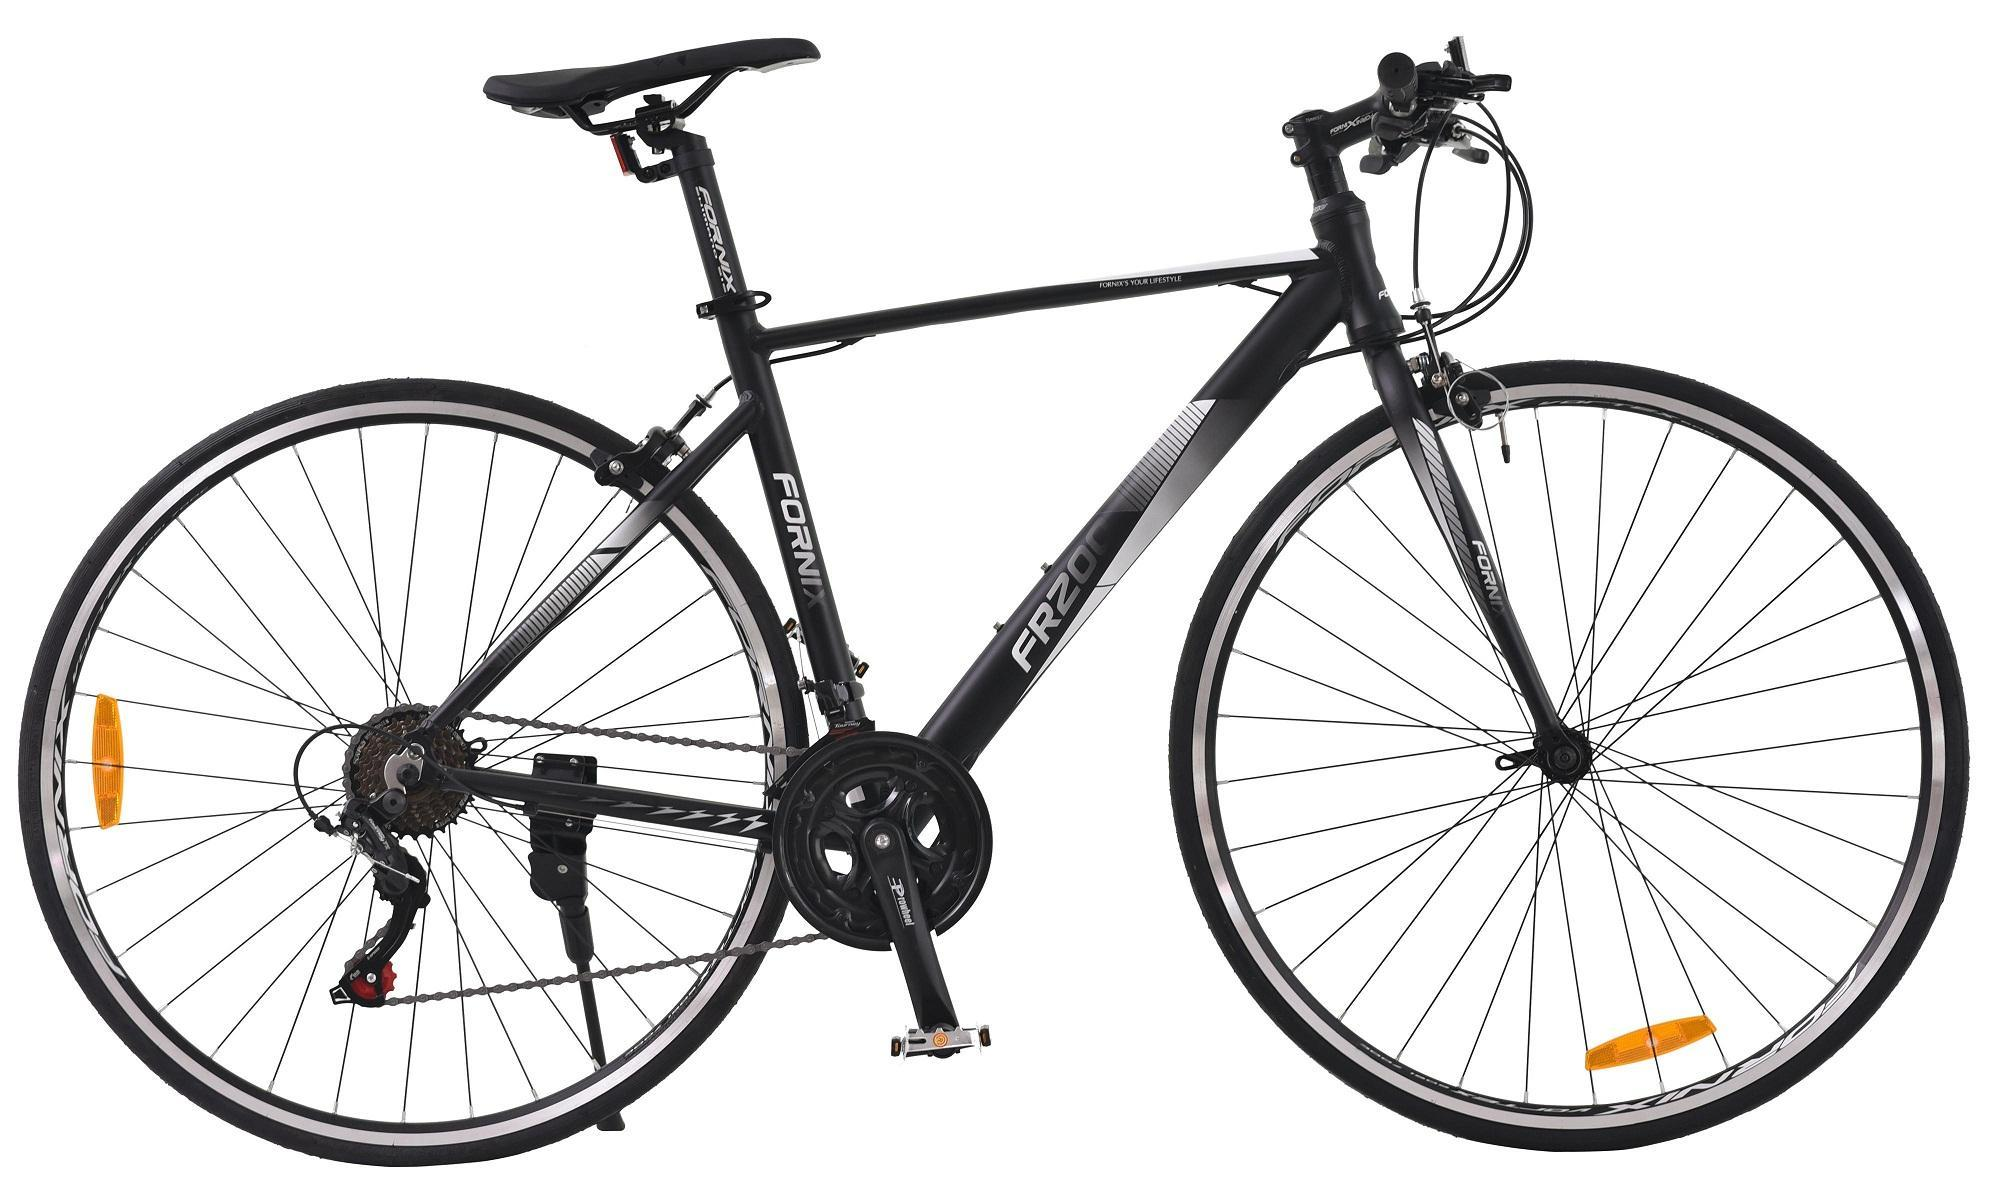 Mua Xe đạp thể thao FR100- Vòng bánh 700C- Bảo hành 12 tháng